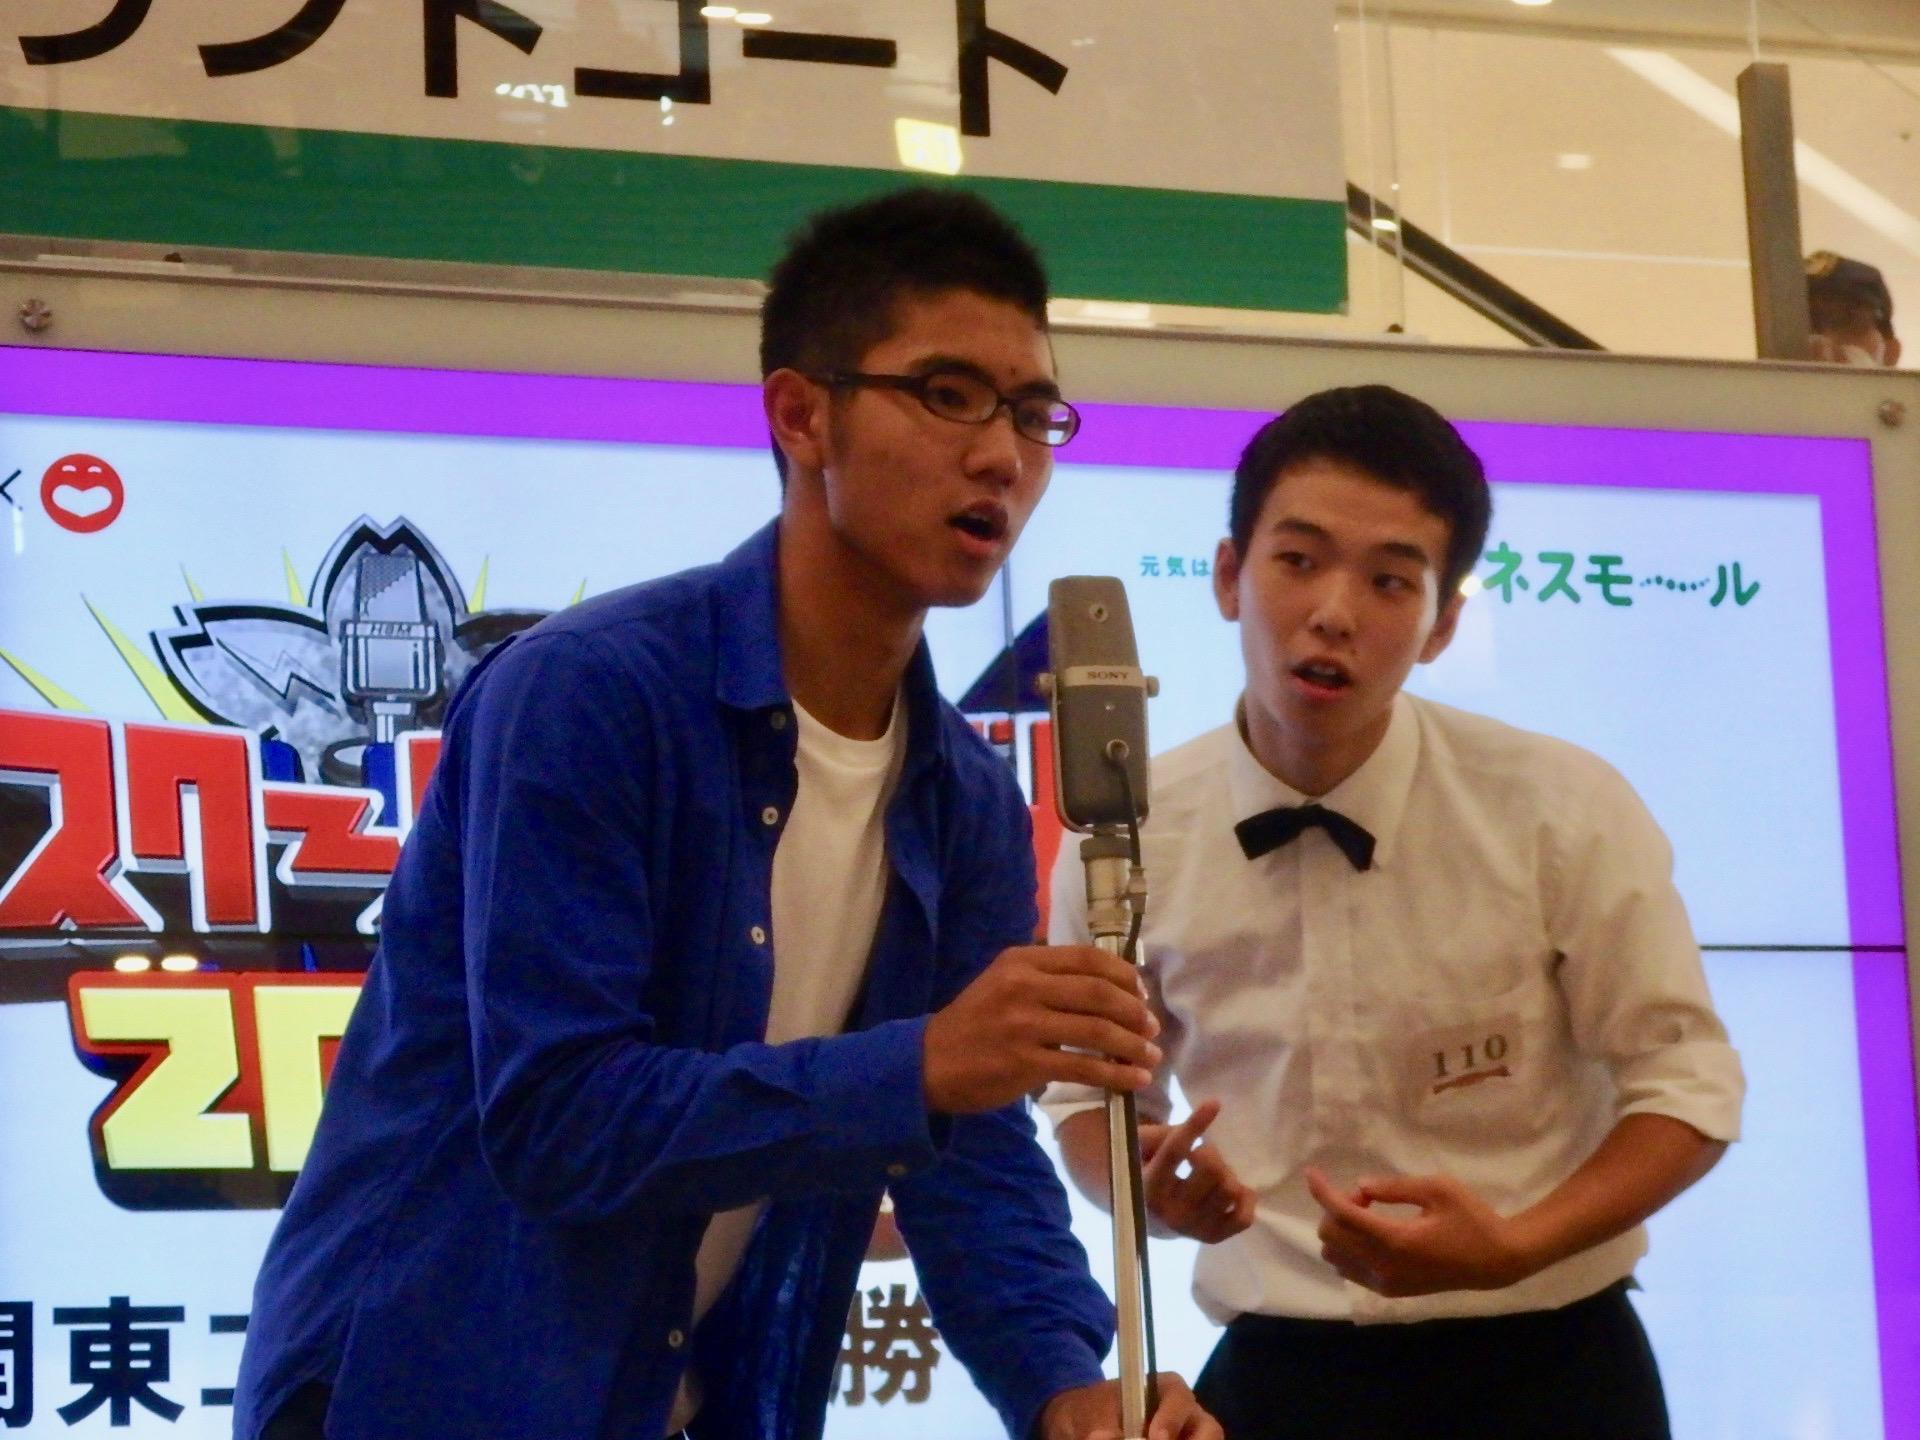 http://news.yoshimoto.co.jp/20180901154503-ae7d1c7c56aa50794d58dc5865125b0c97680e65.jpg